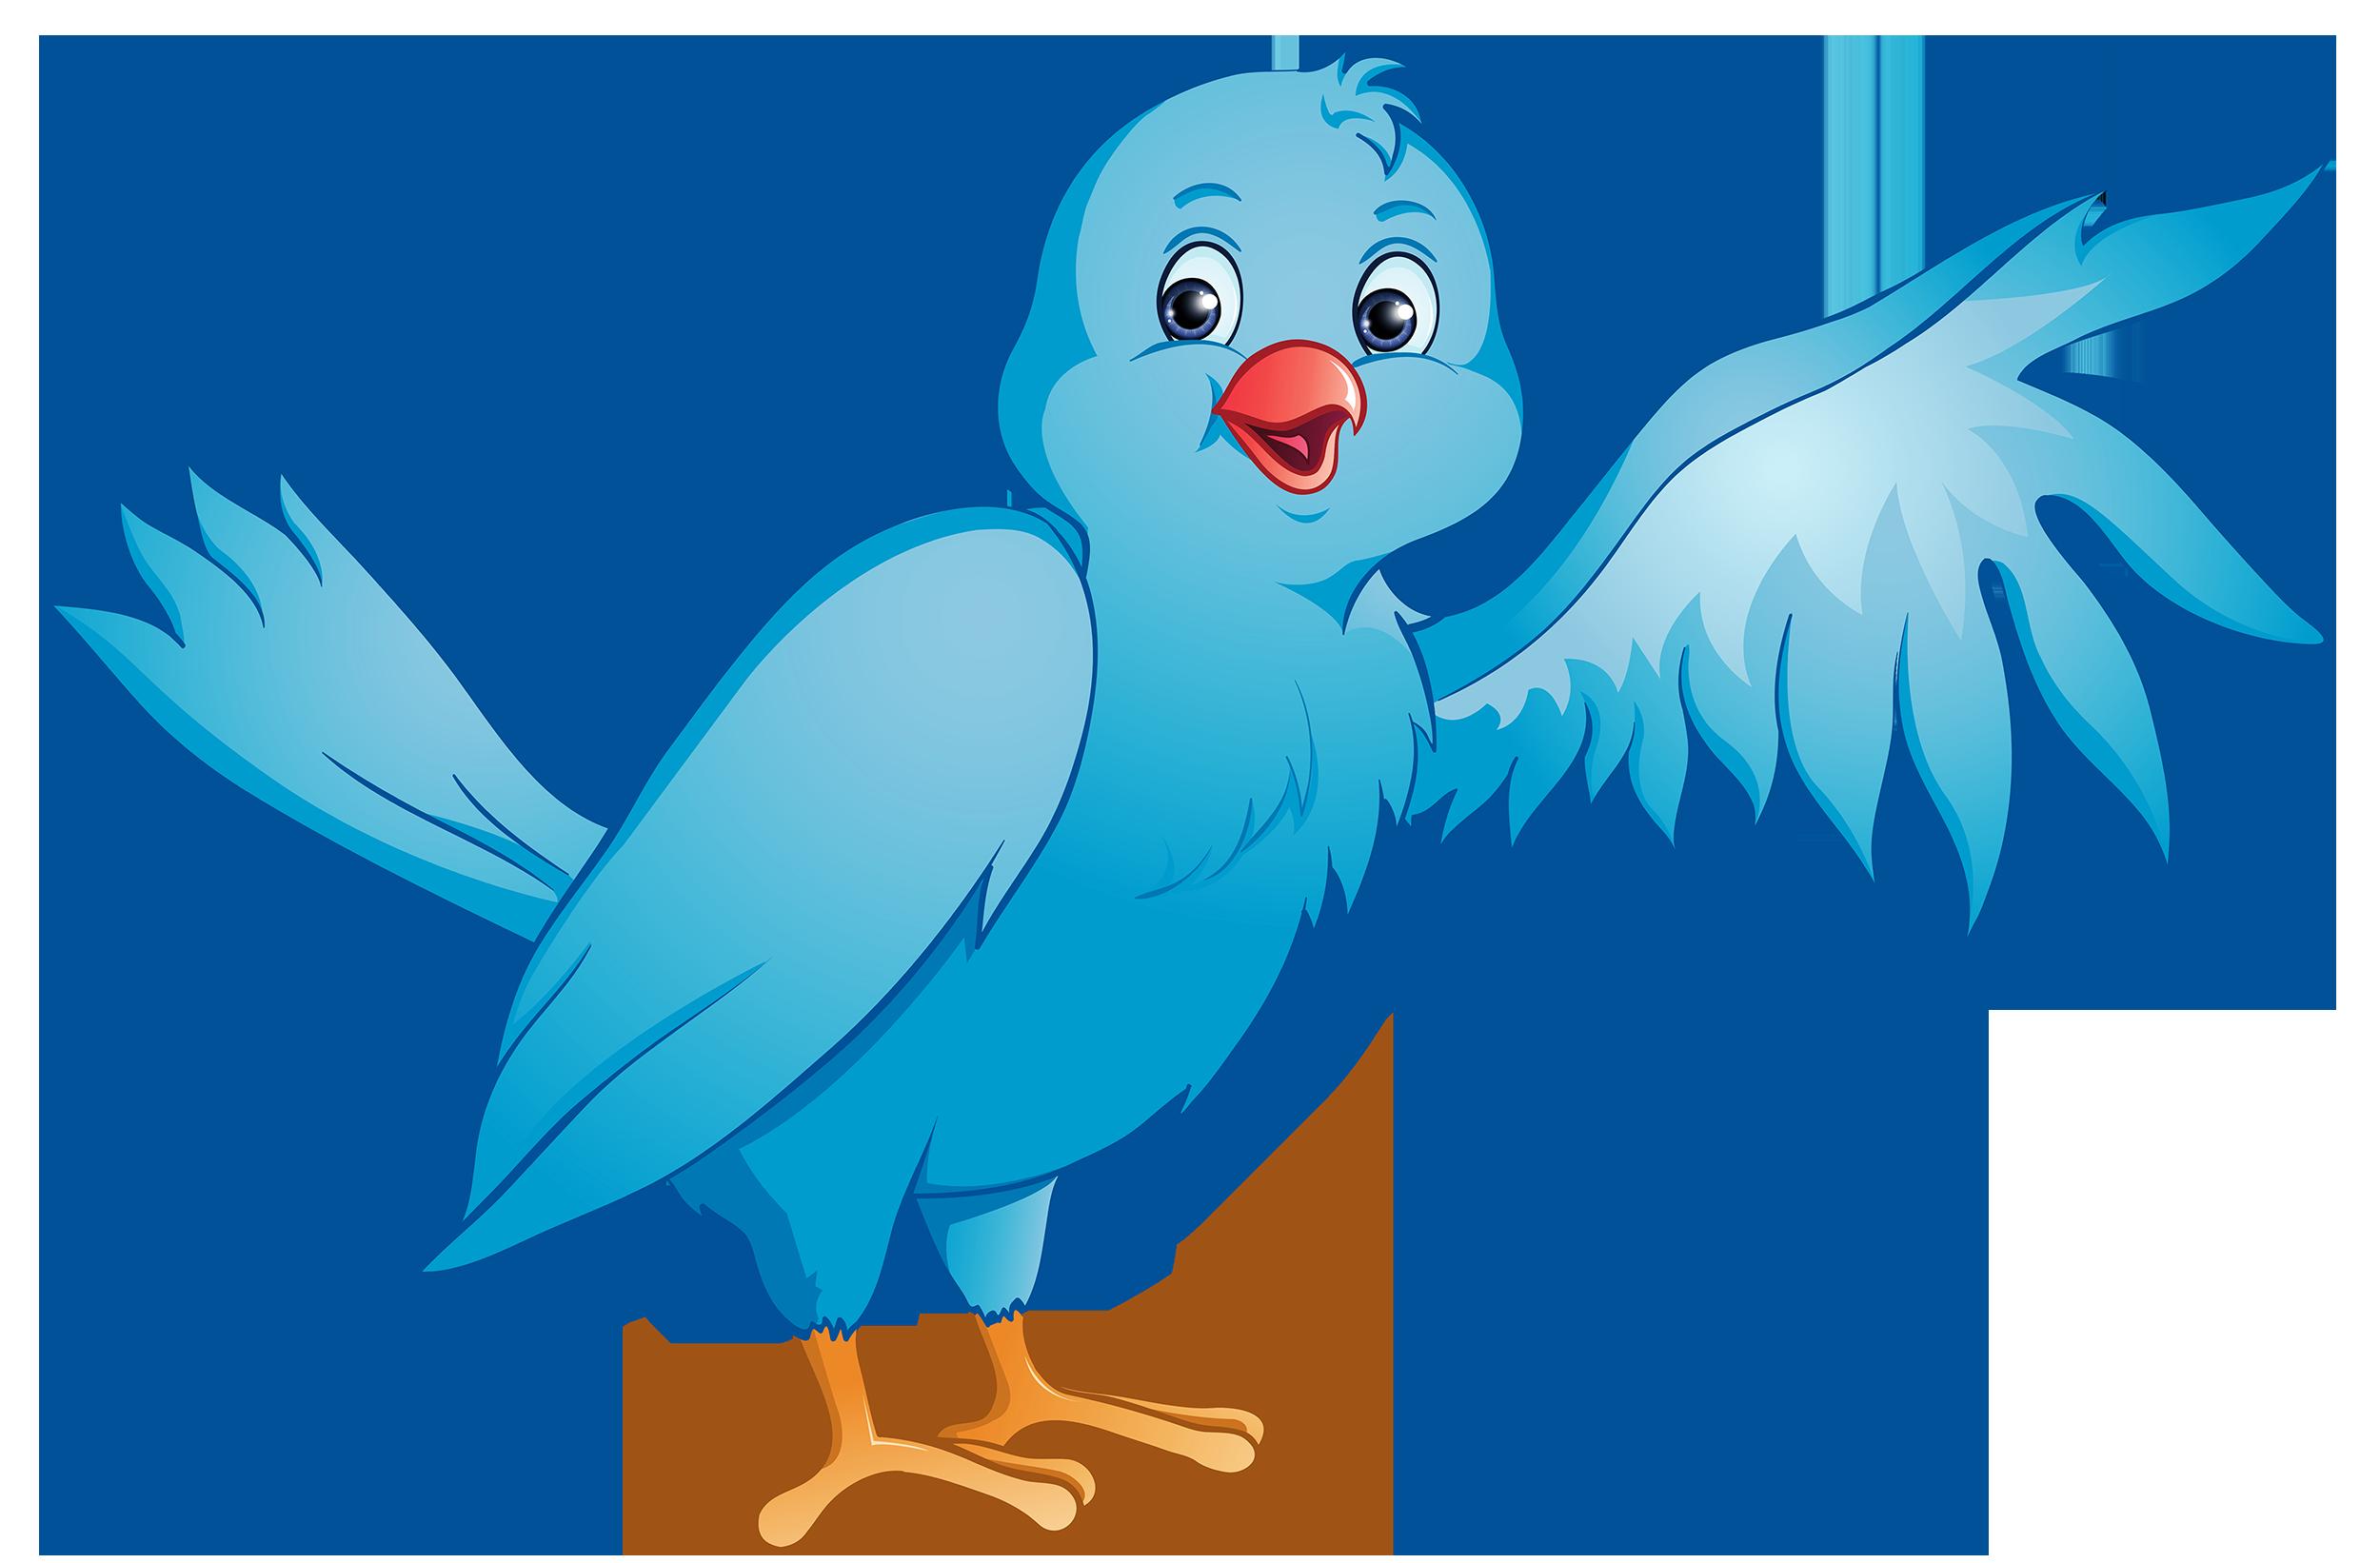 2500x1642 Bird Clipart Image Clip Art Cartoon Of A Blue Bird Standing Up